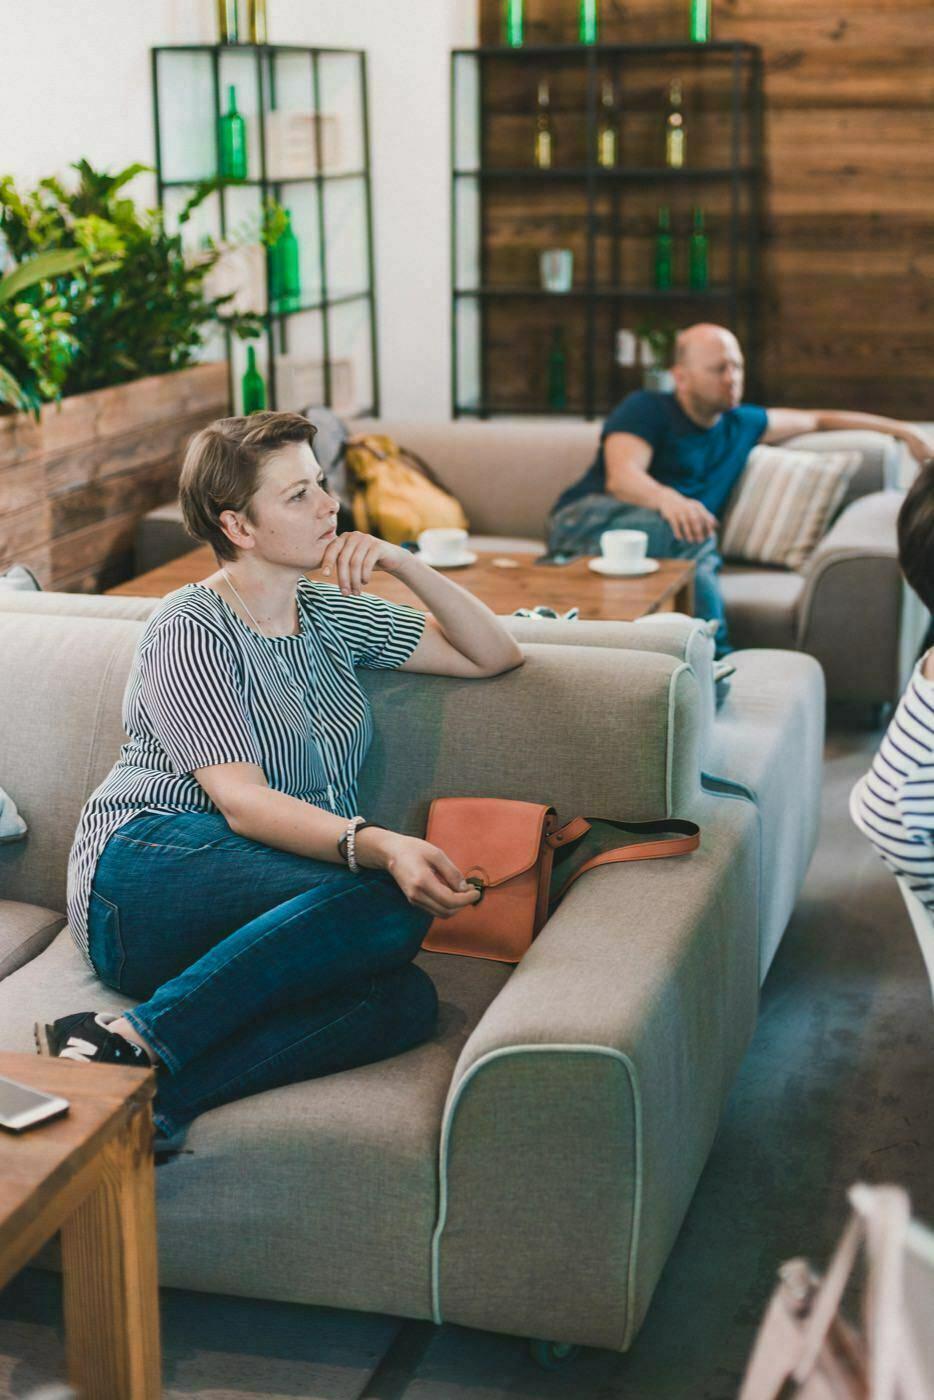 Kobieta w bluzce w paski siedzi na kanapie